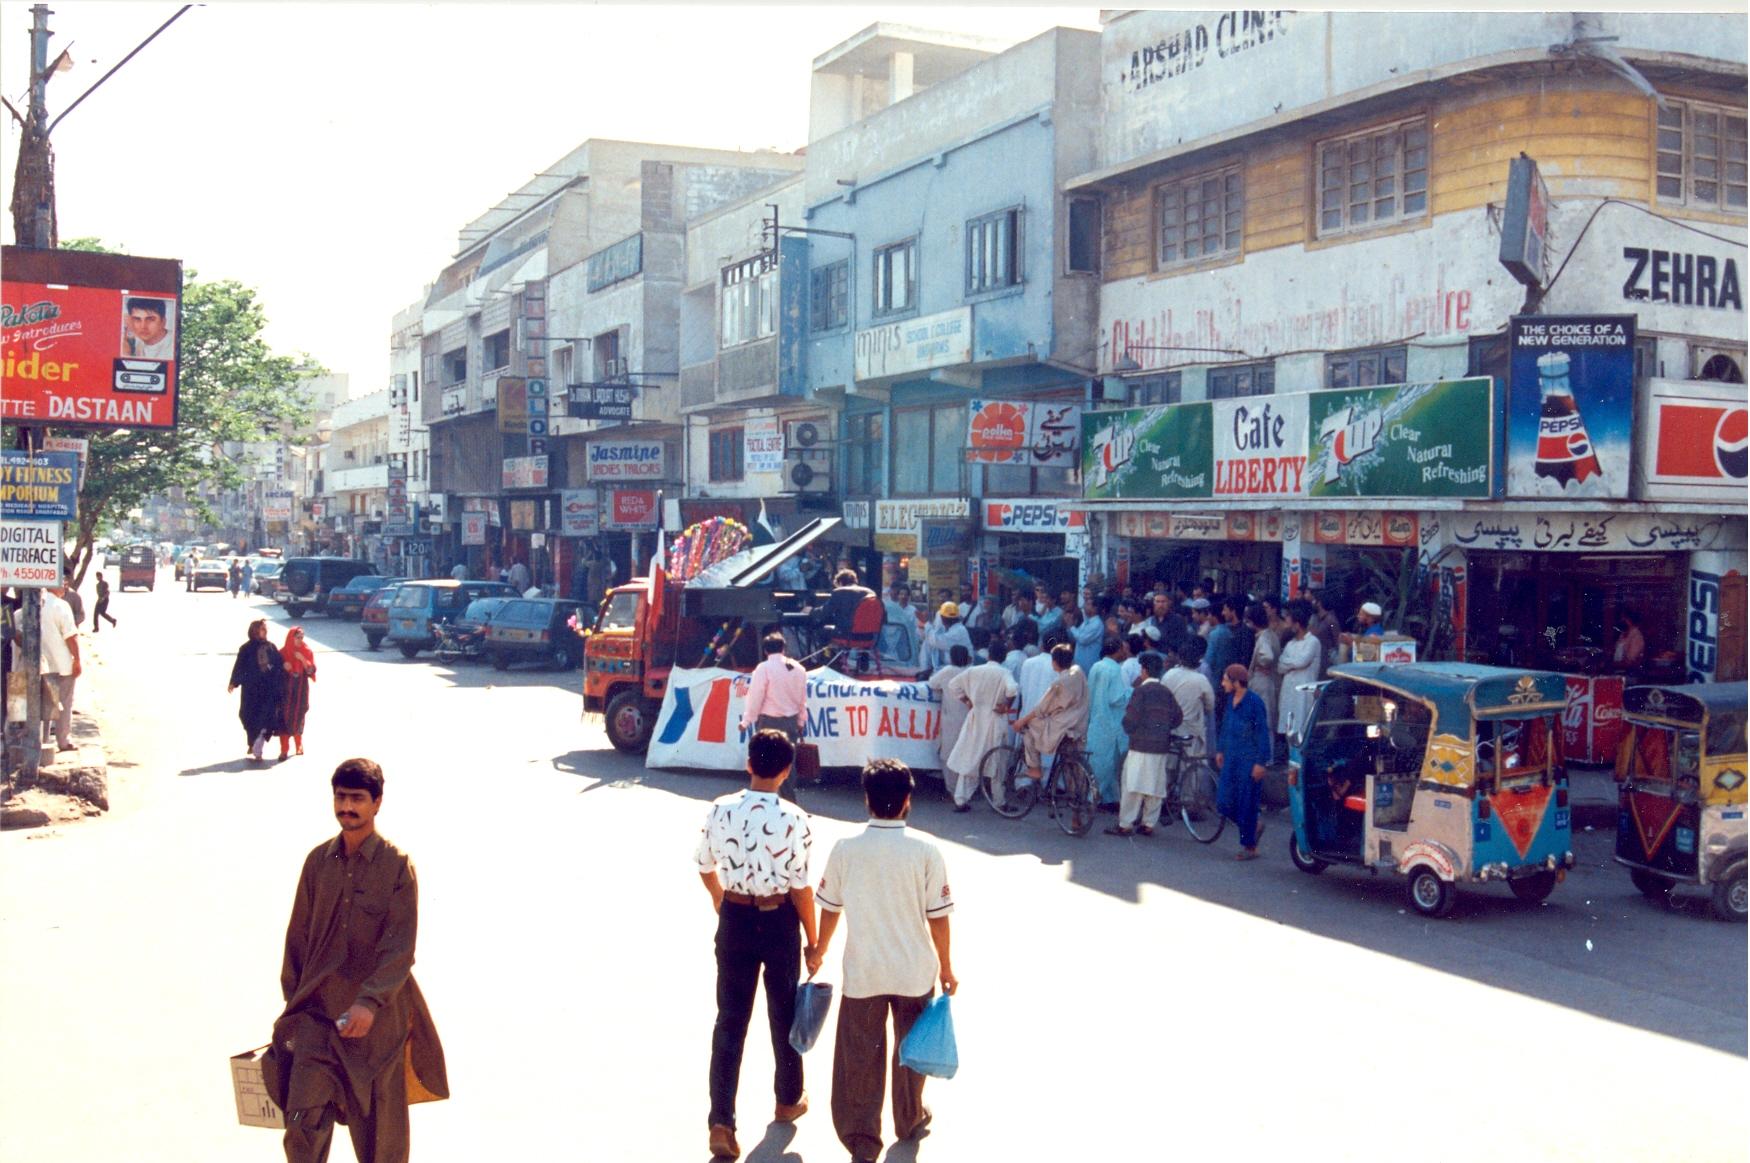 AFK Album19 Image11.jpg